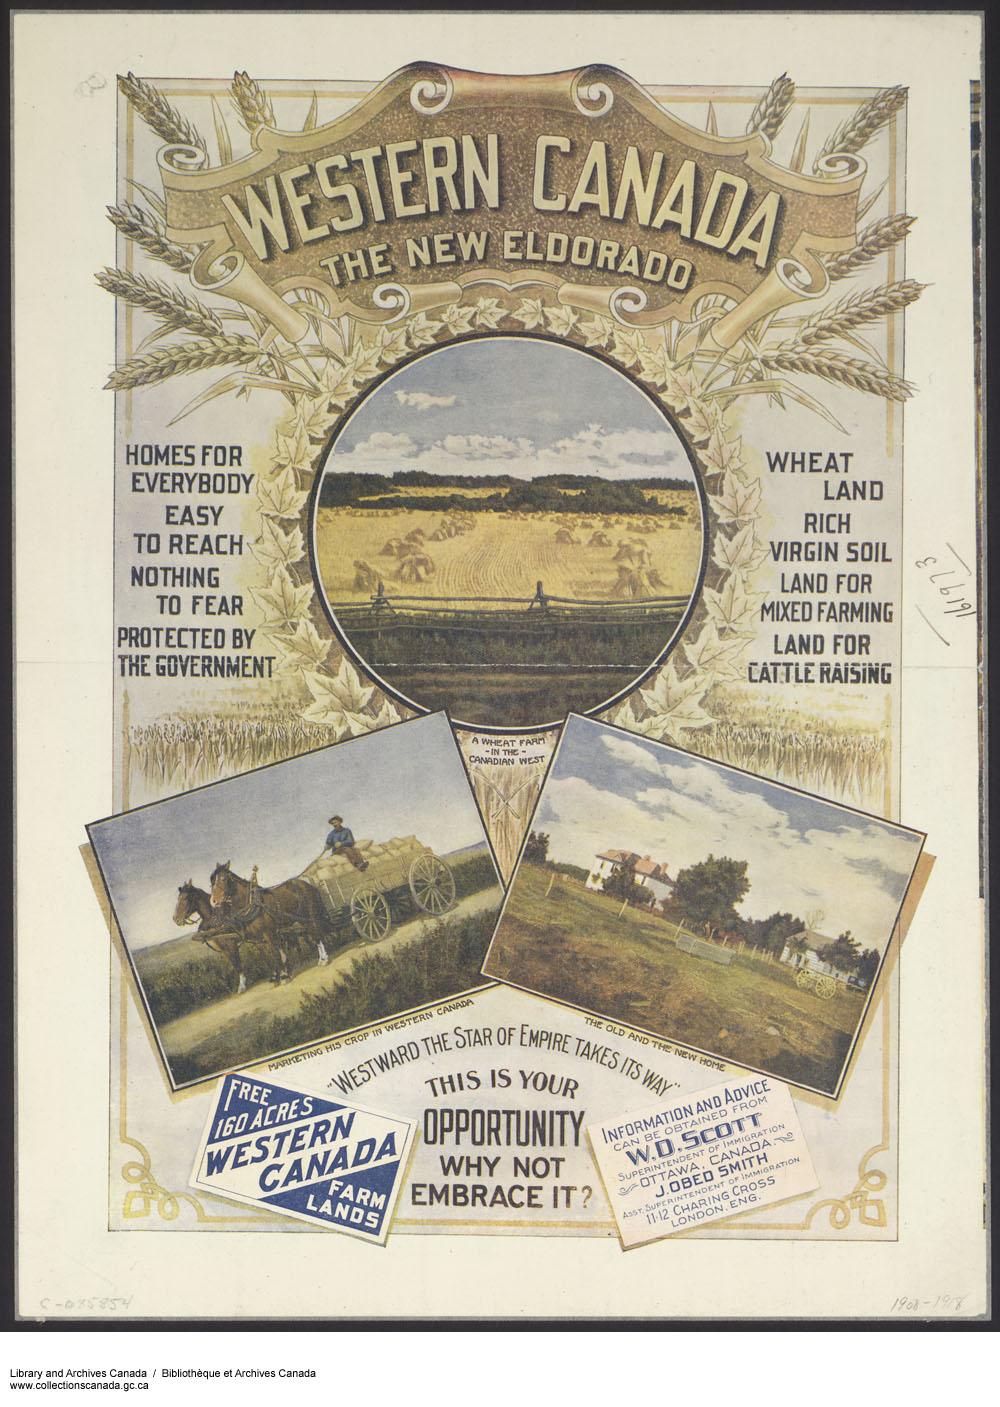 Affiche de promotion pour l'immigration dans les Prairies, vers 1890-1920. Source : C-085854